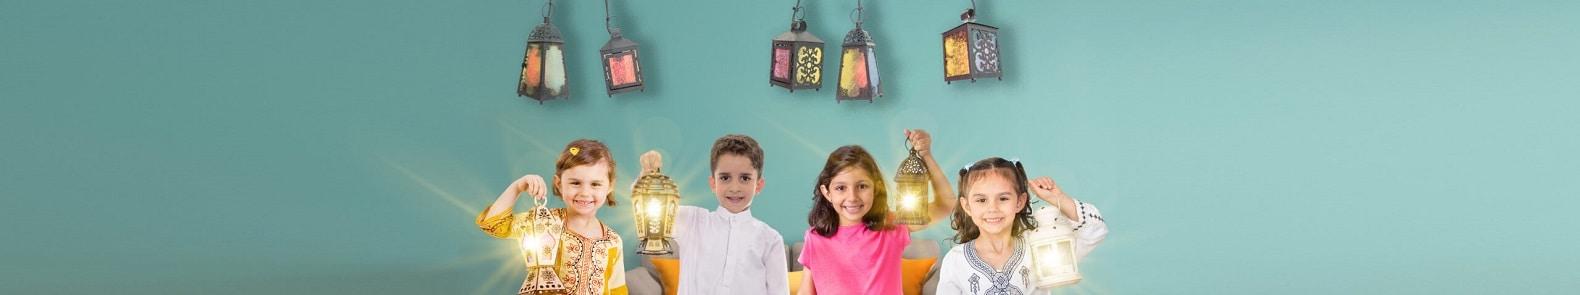 A Ramadan full of joy and blessings